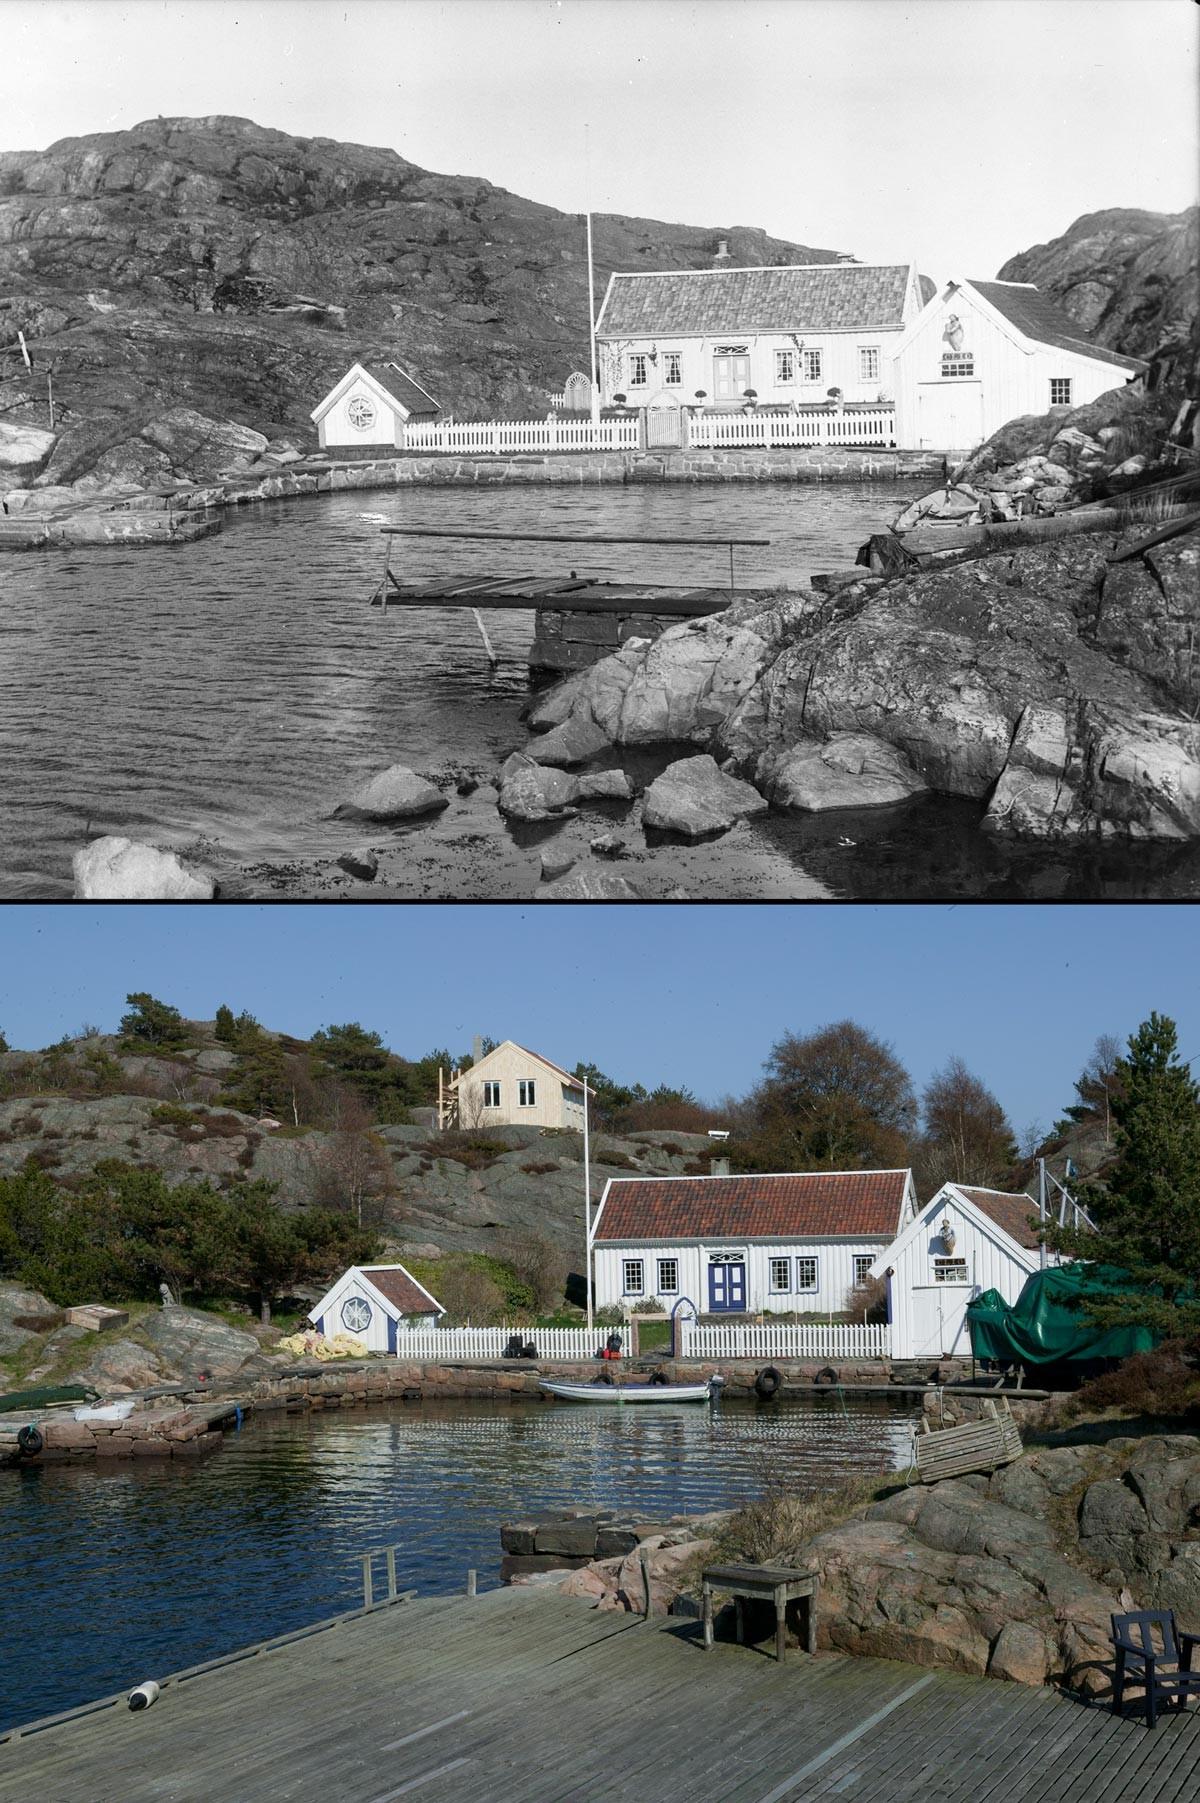 Noruega antes e após o petróleo: a transformação do país em imagens 04